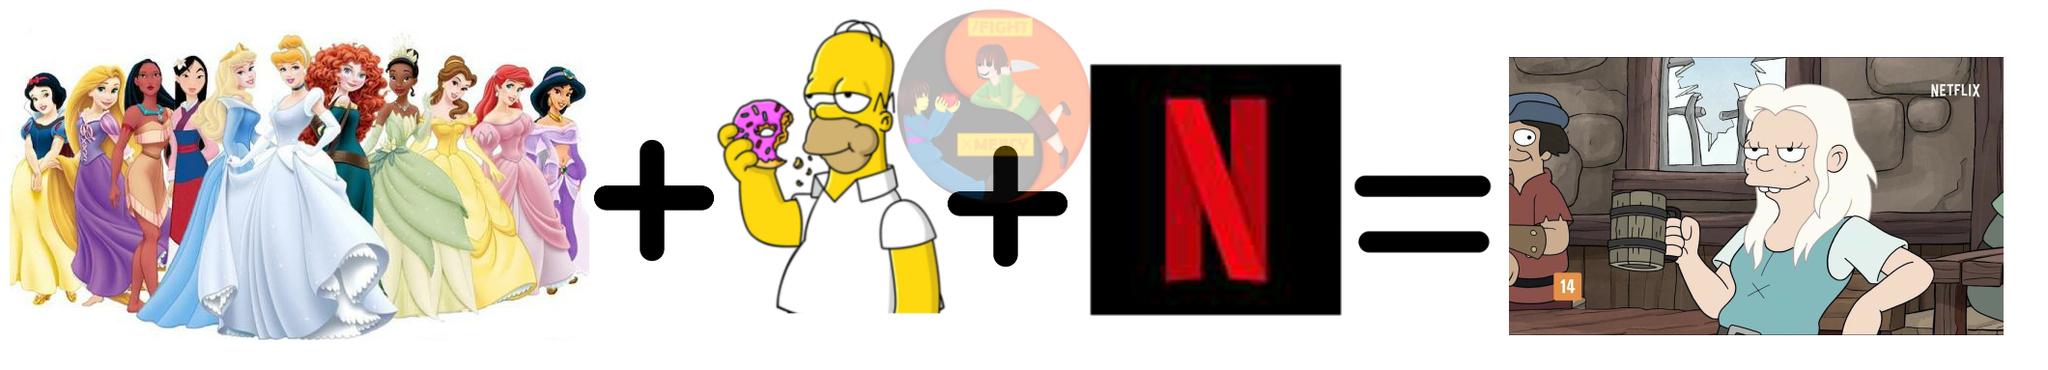 es una ecuación simple - meme